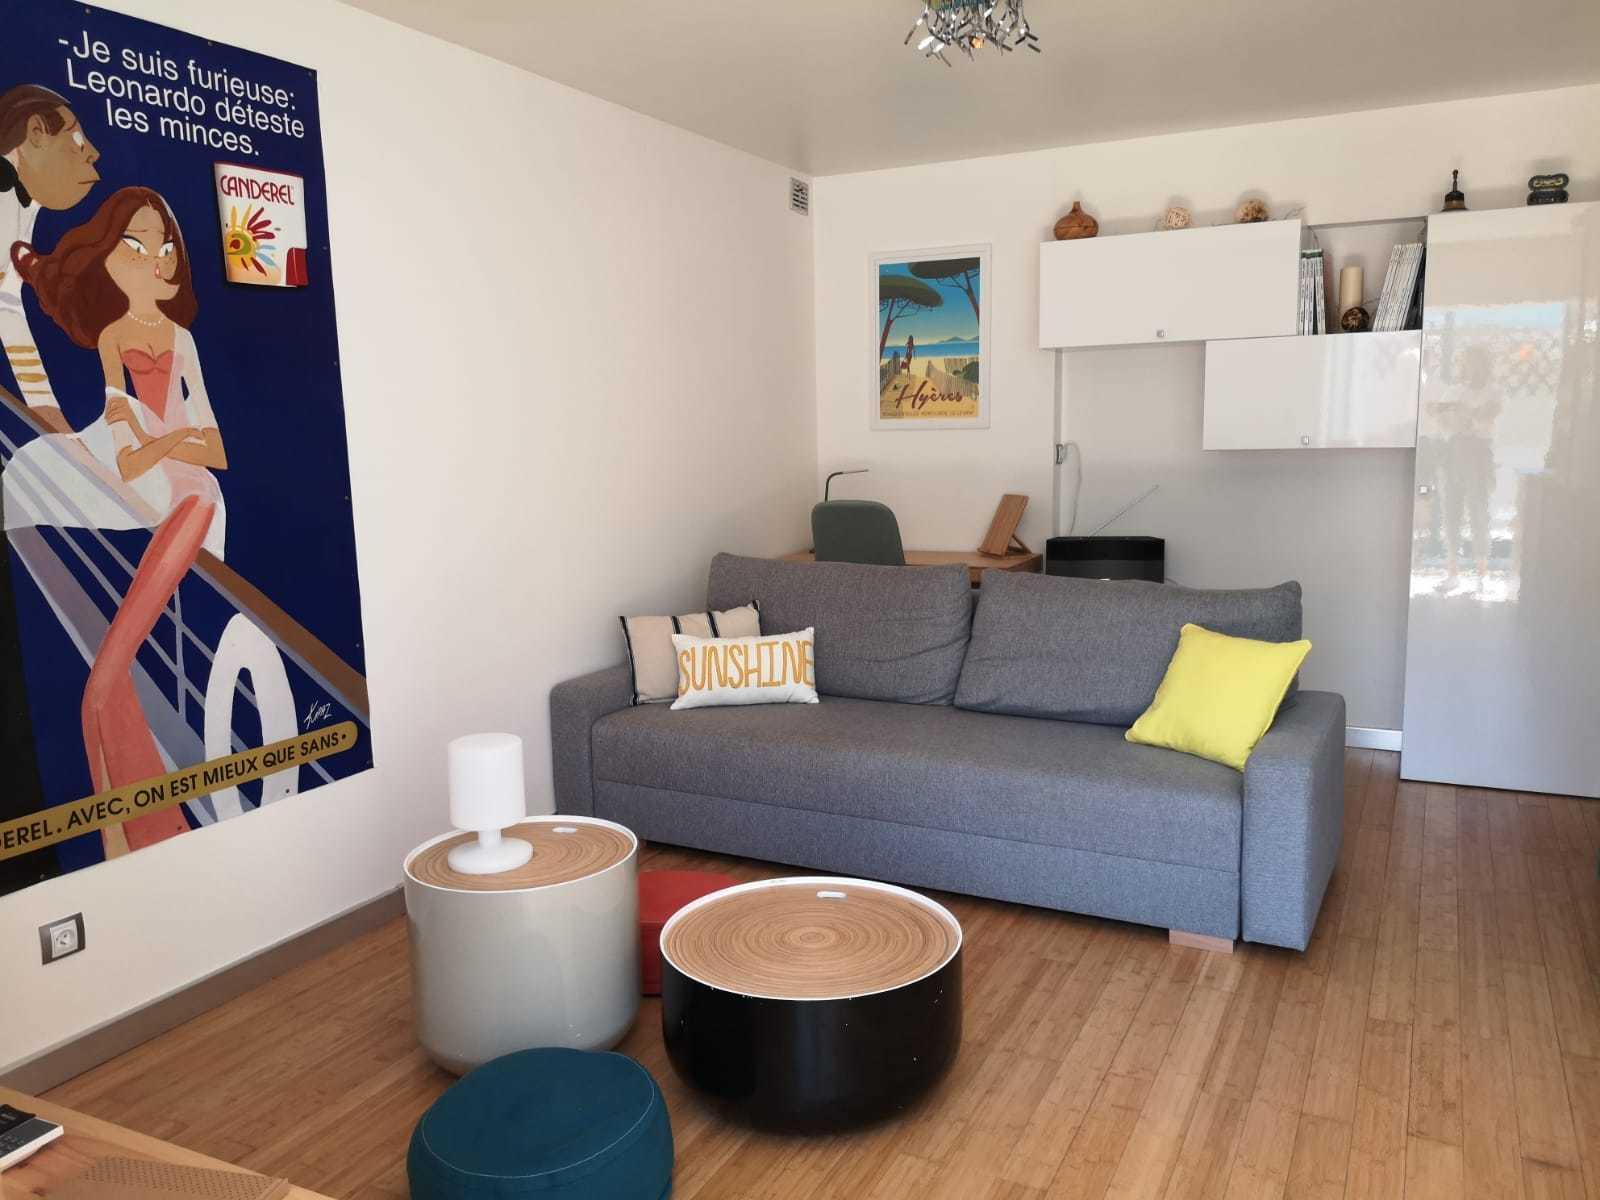 The bergerie de Gaby - Apartment T2 - Hyères Tourist Office